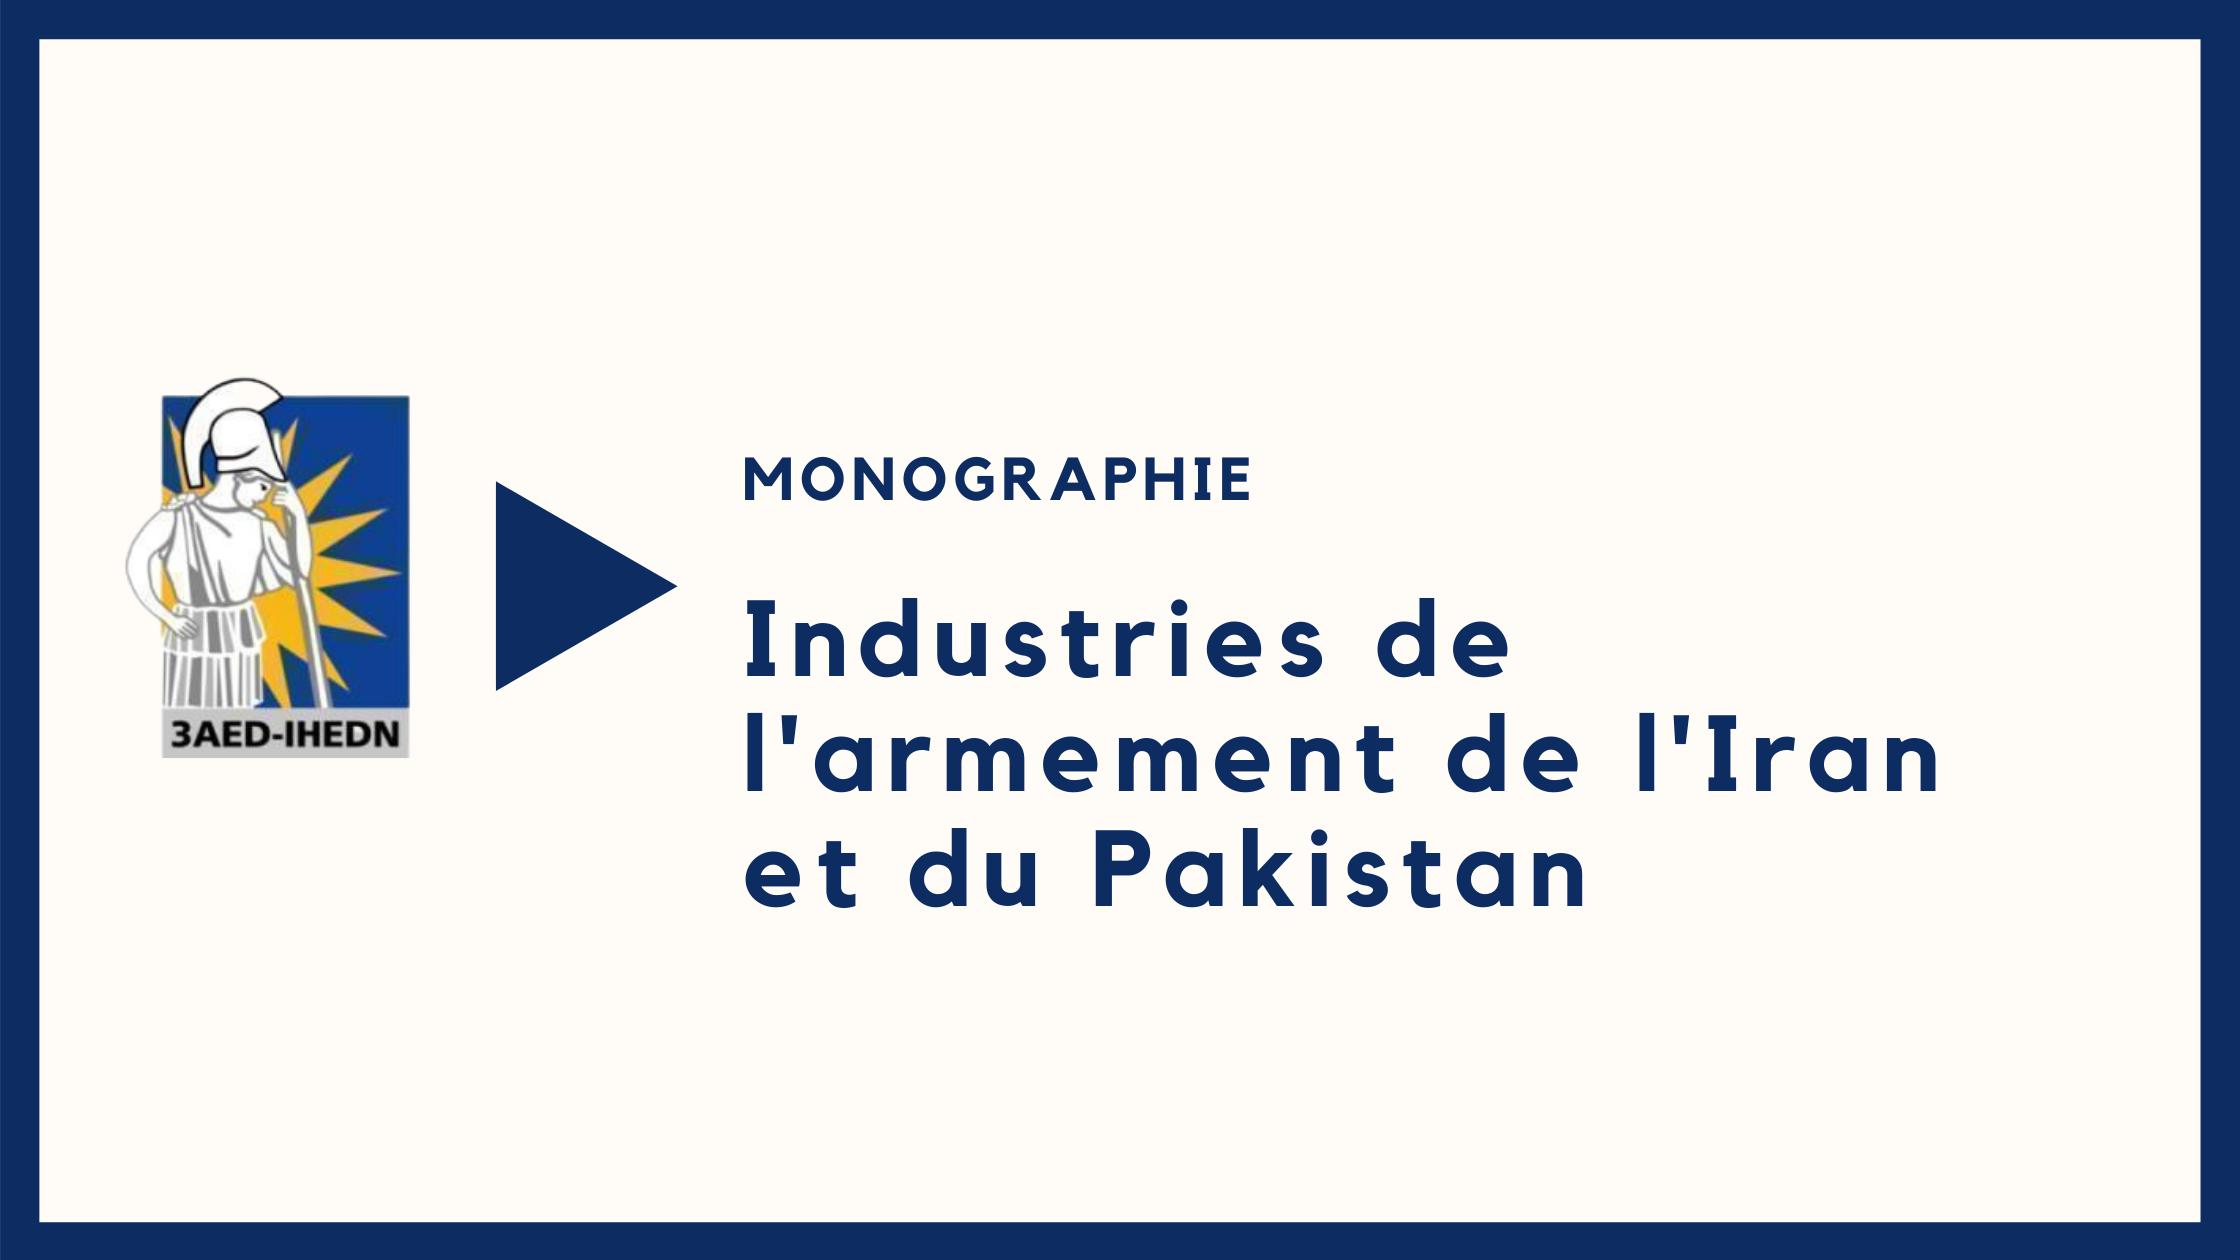 Monographie |Industries de l'armement de l'Iran et du Pakistan